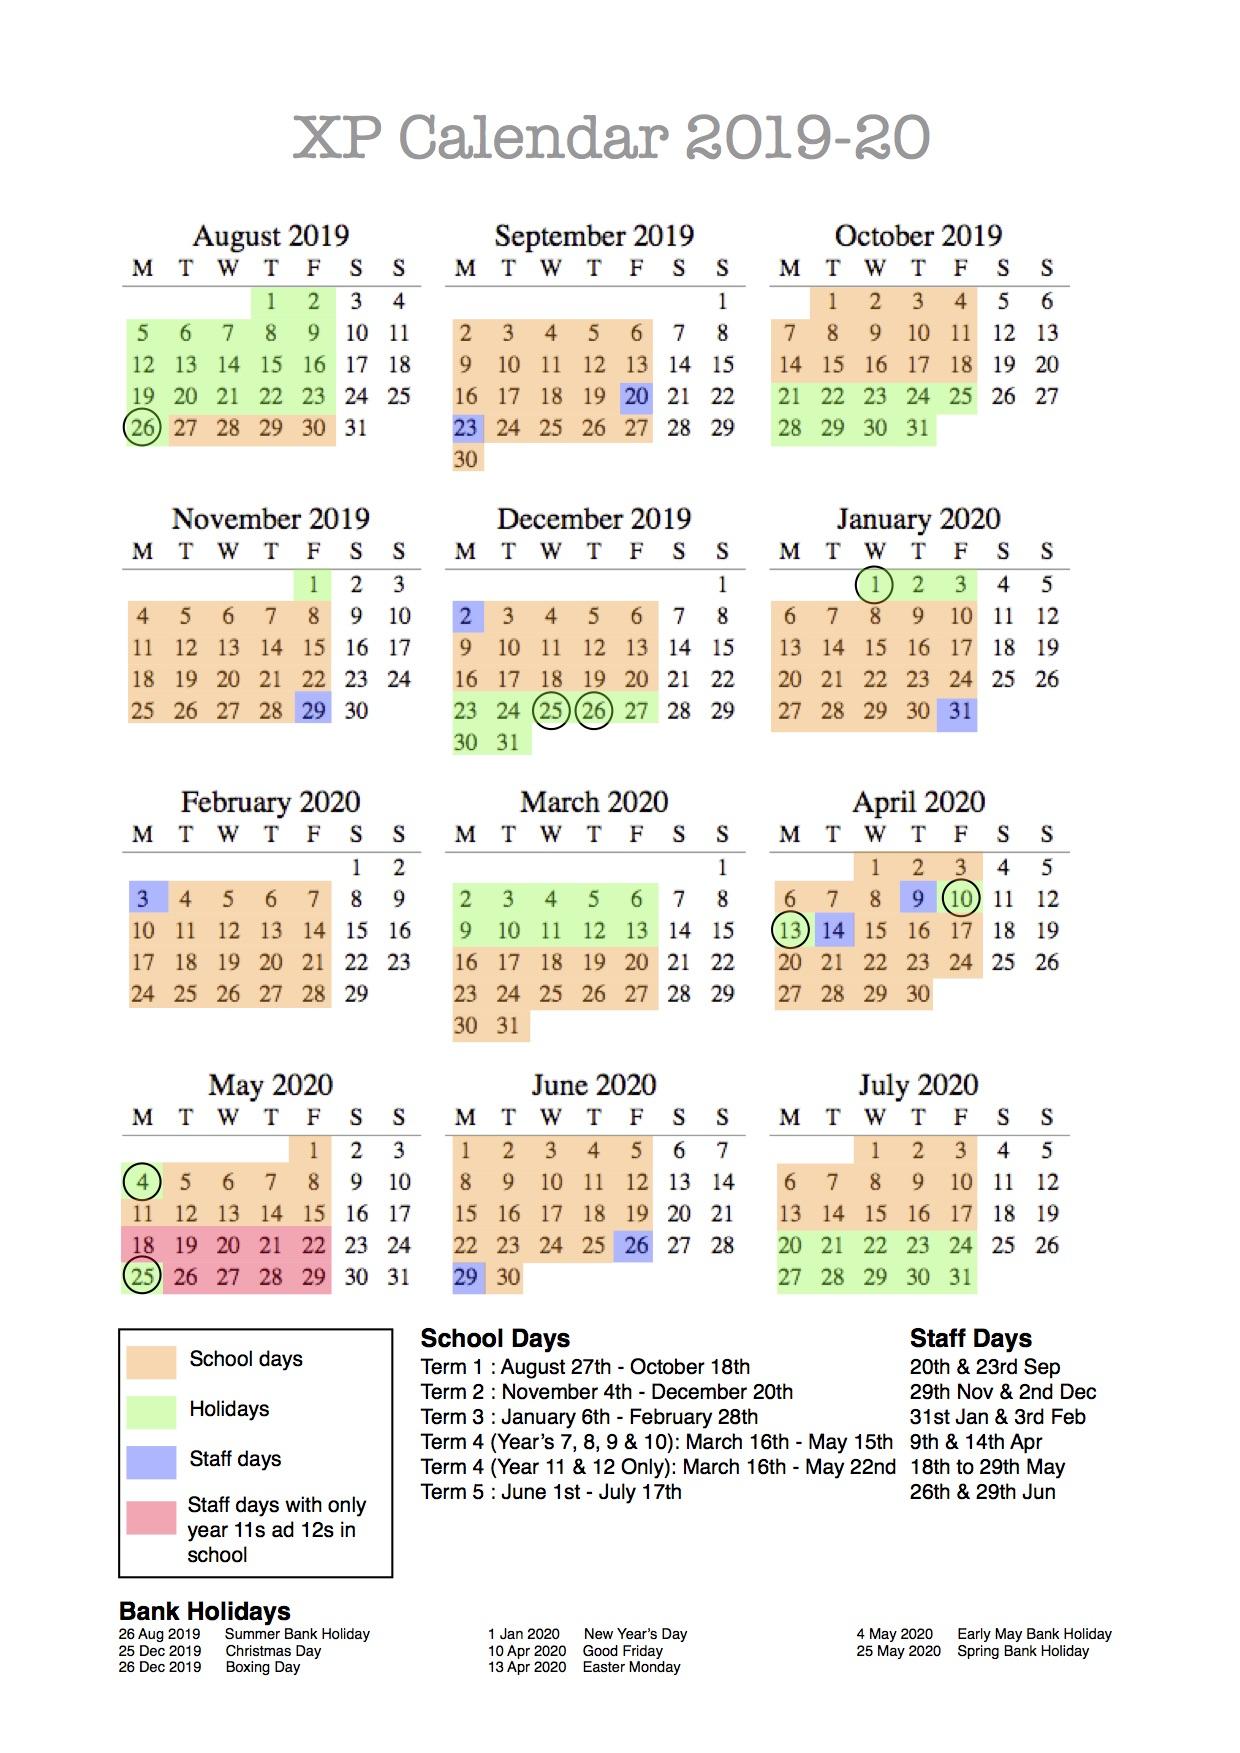 Christmas Holidays 2019 Calendar.New Calendar 2019 20 Xp East